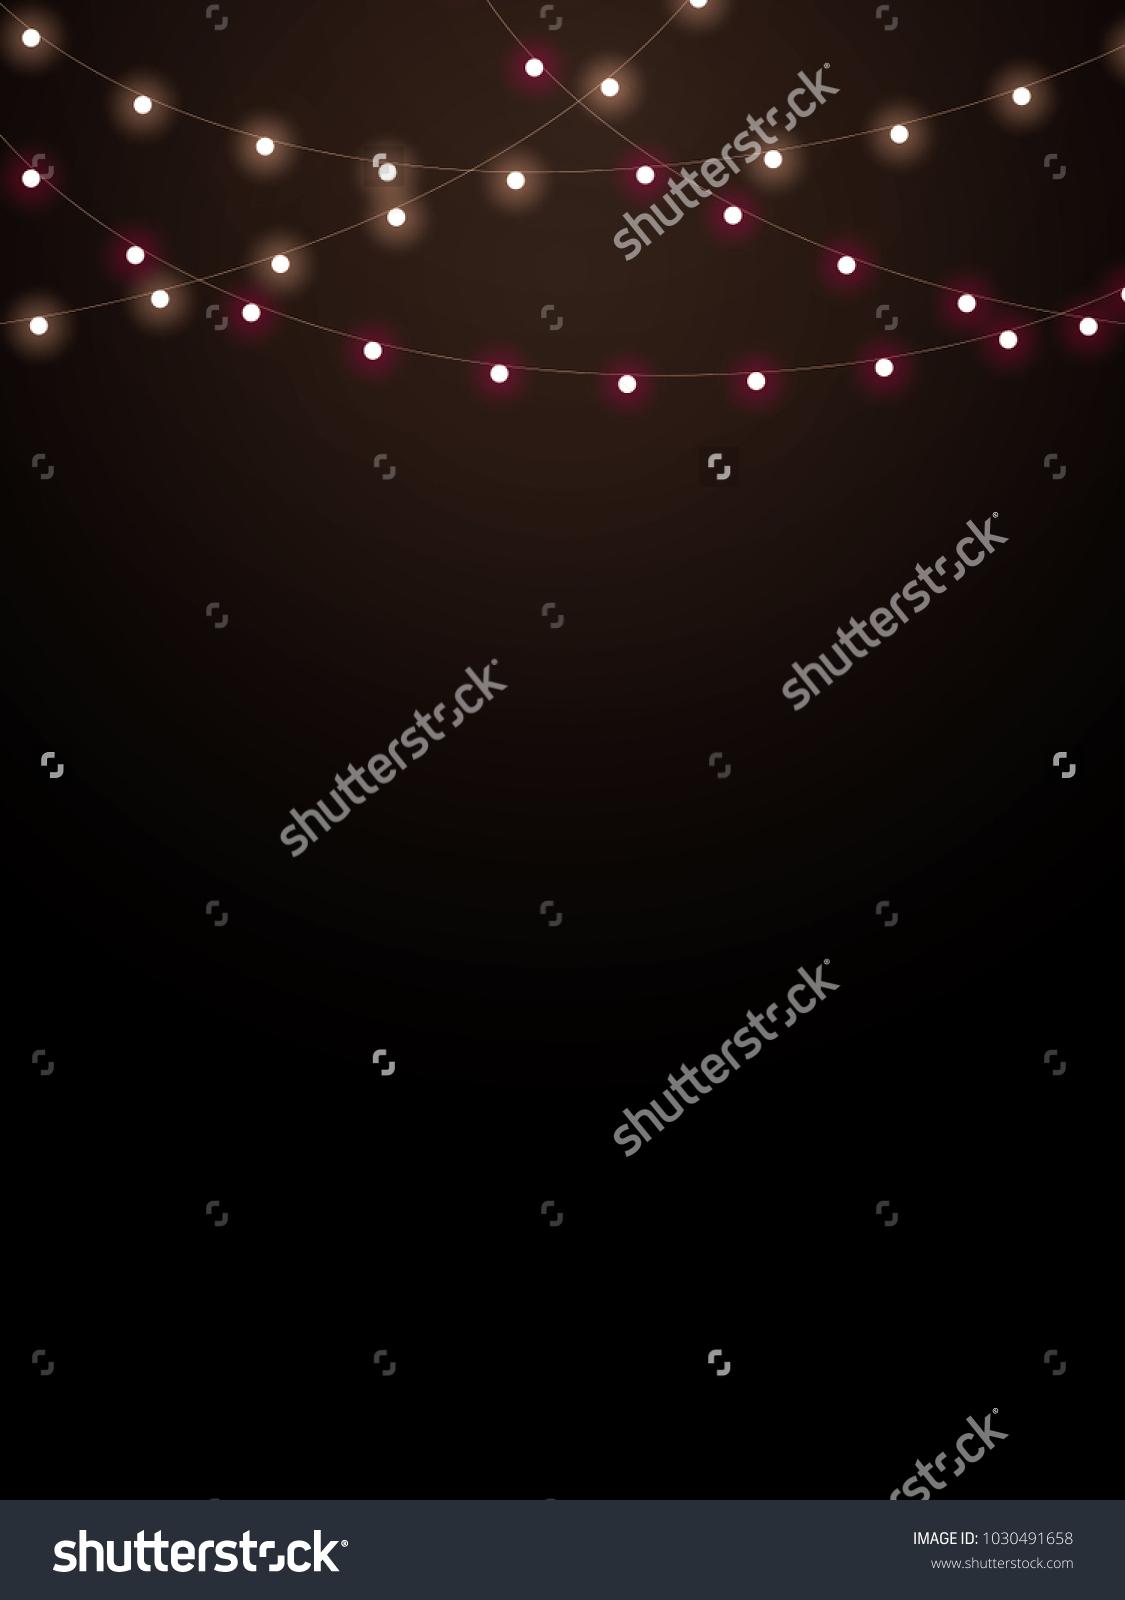 String Lights On Black Background Stock Illustration 1030491658